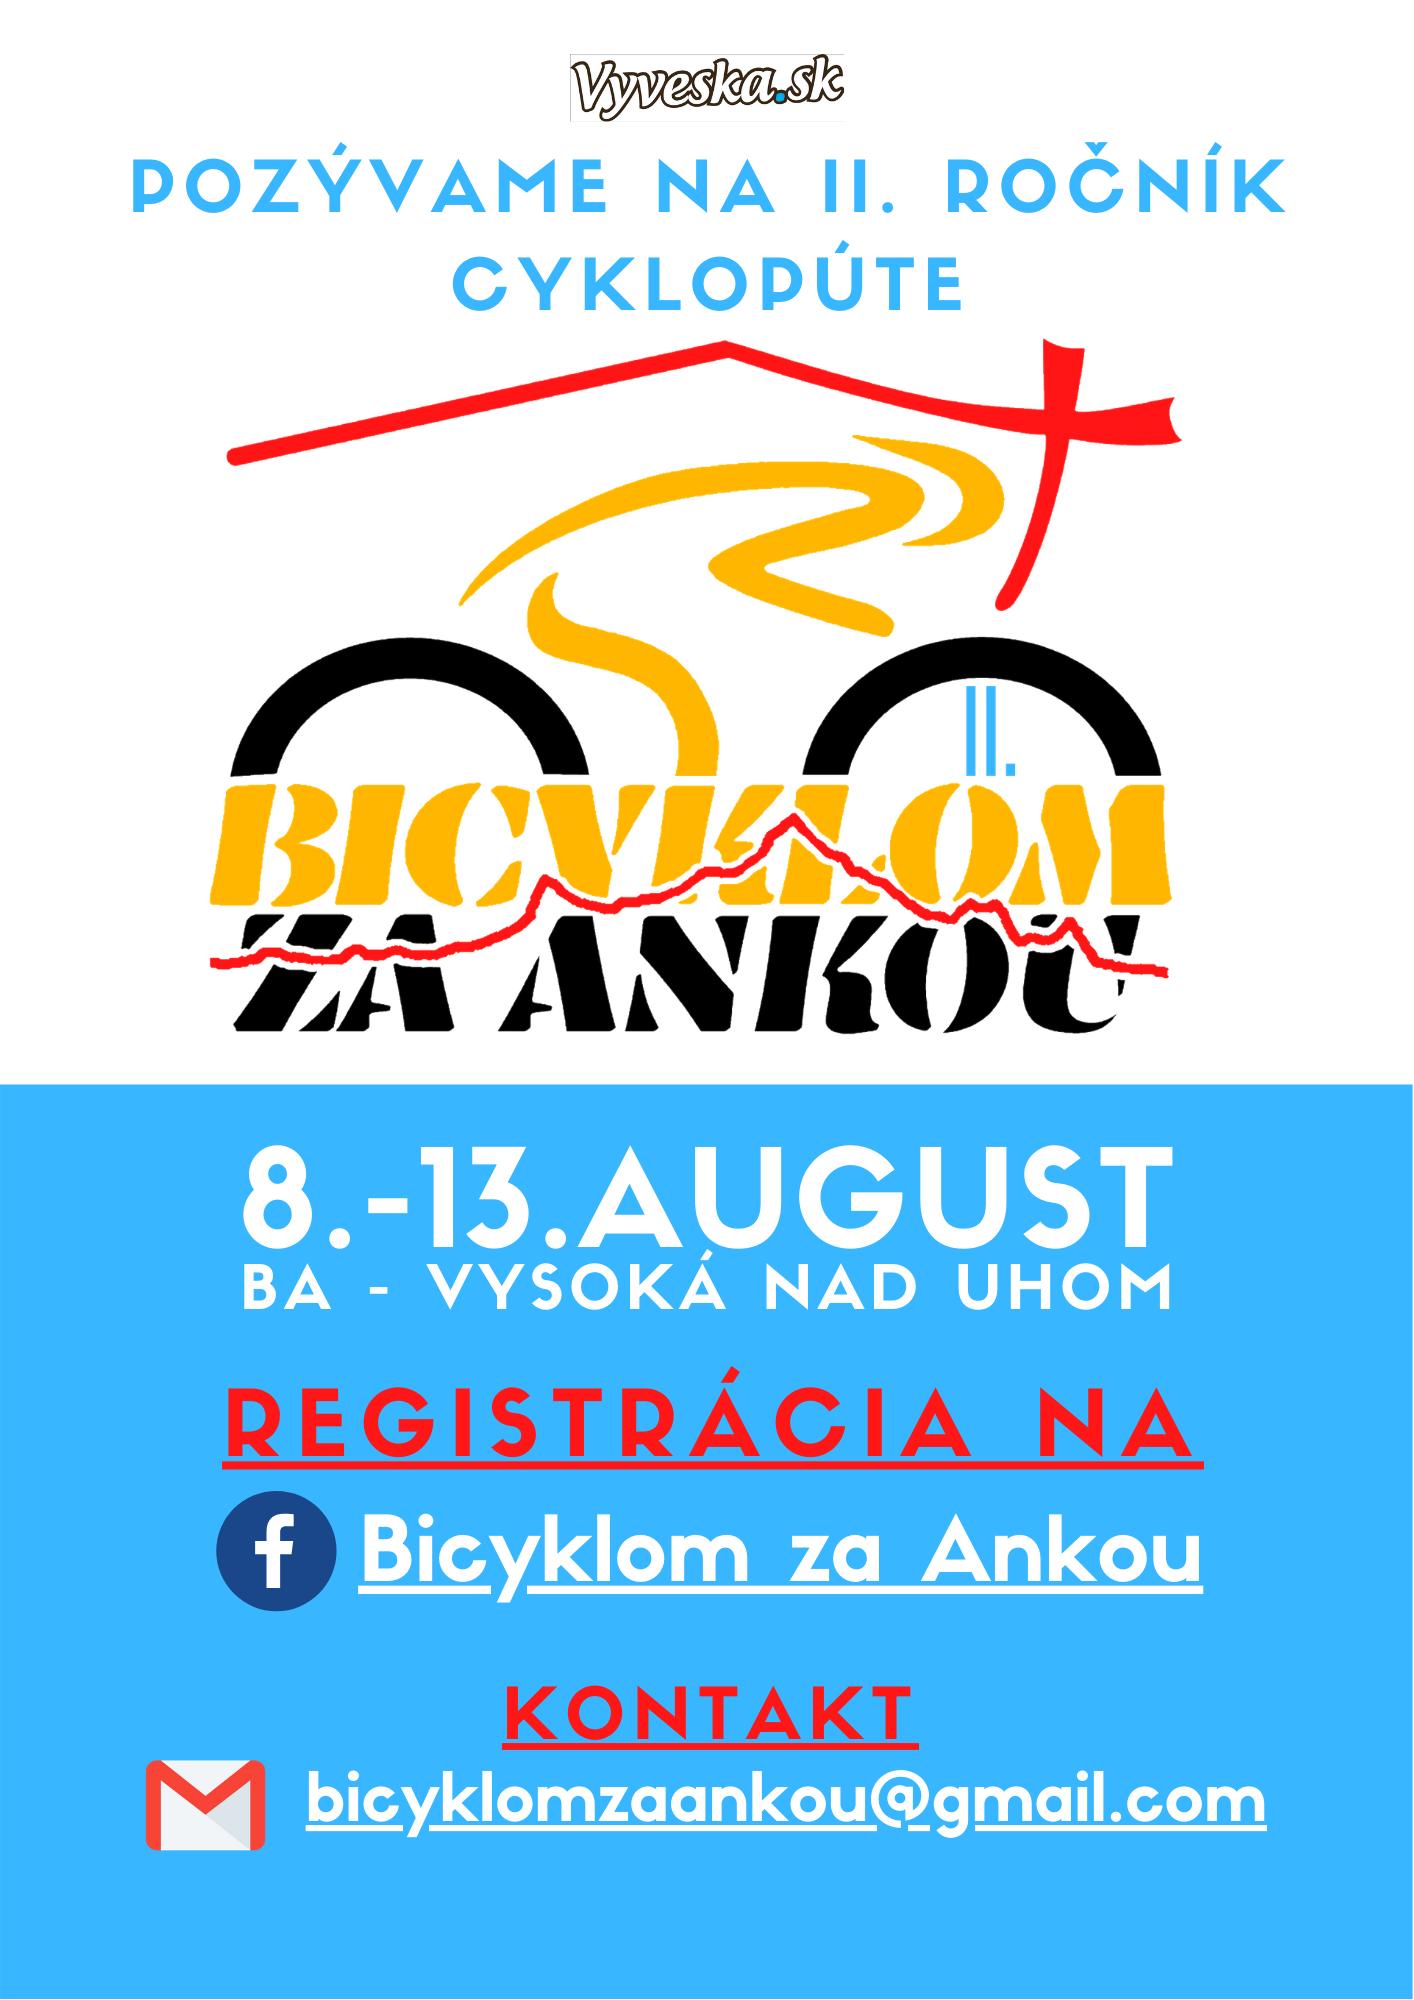 Bicyklom za Ankou